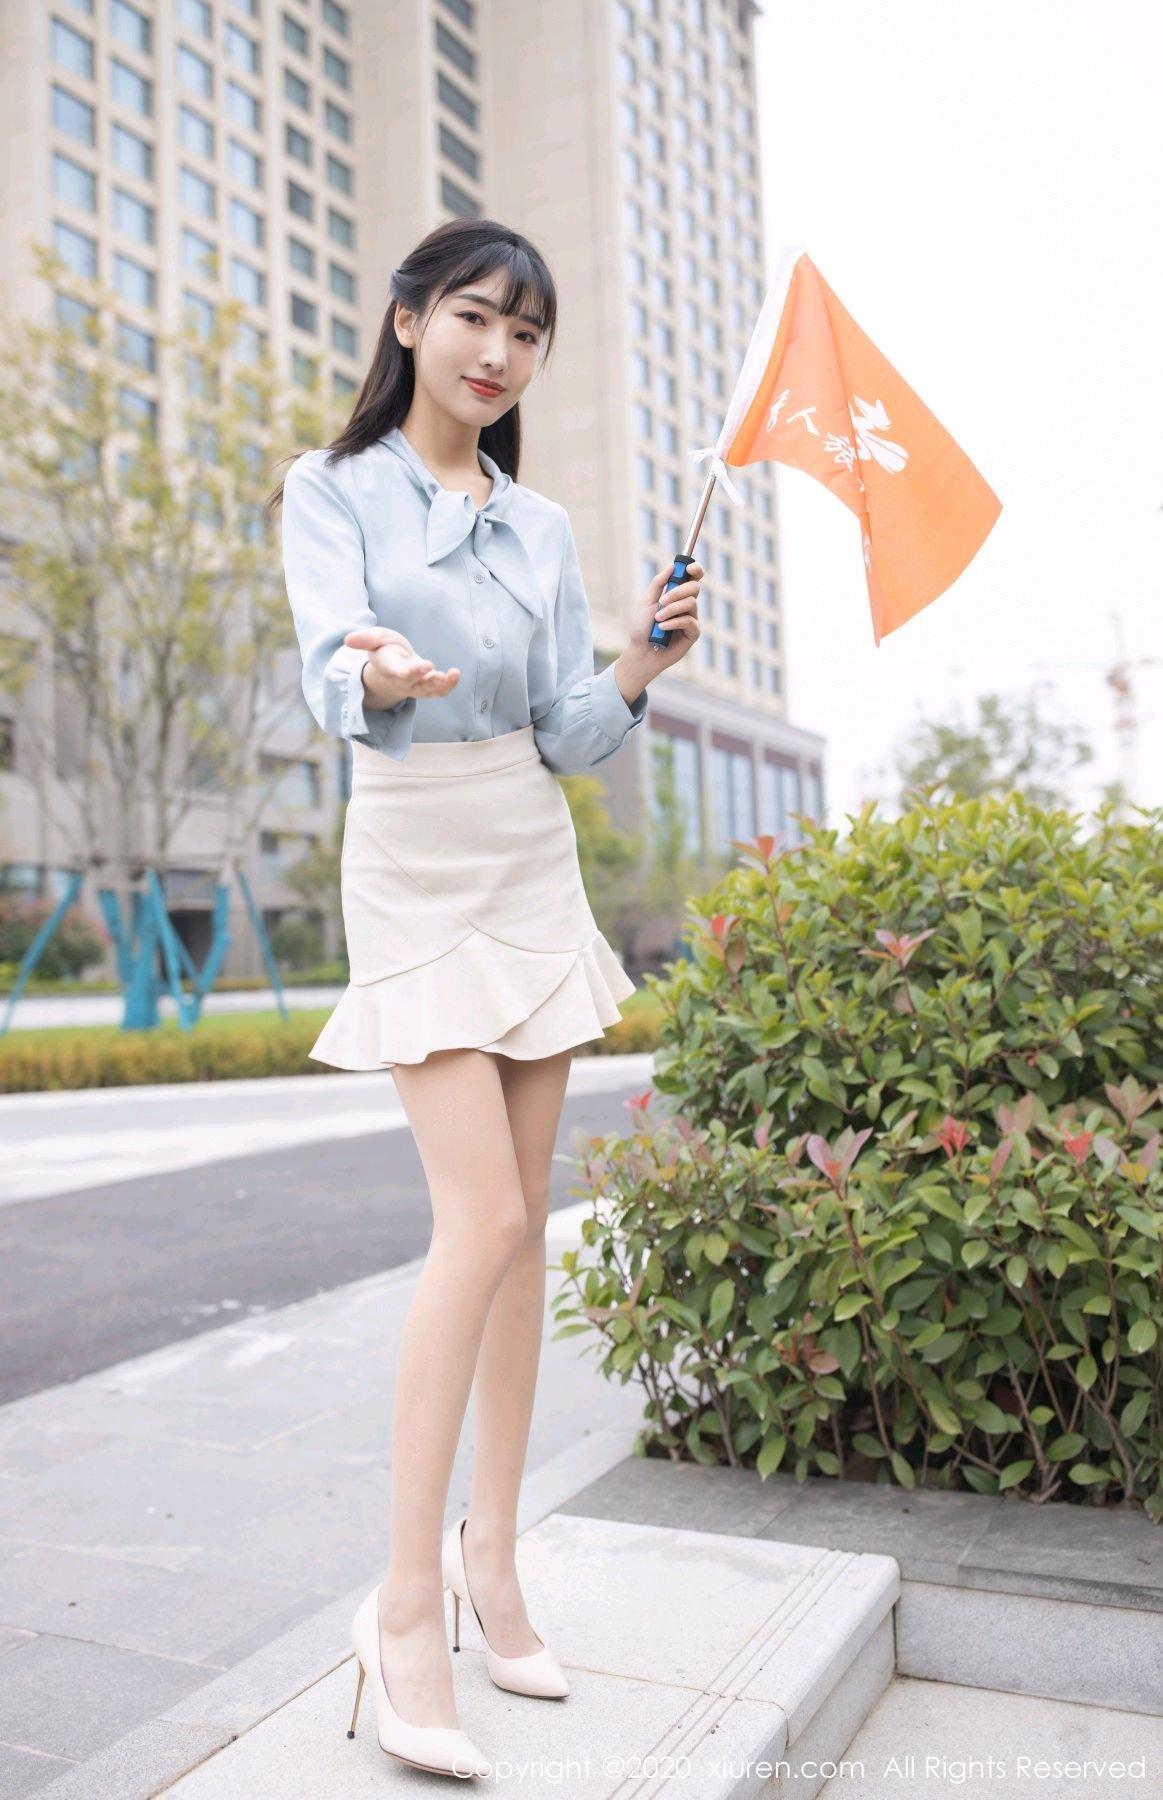 陆萱萱(Vol. 2750) 性感mm-第2张